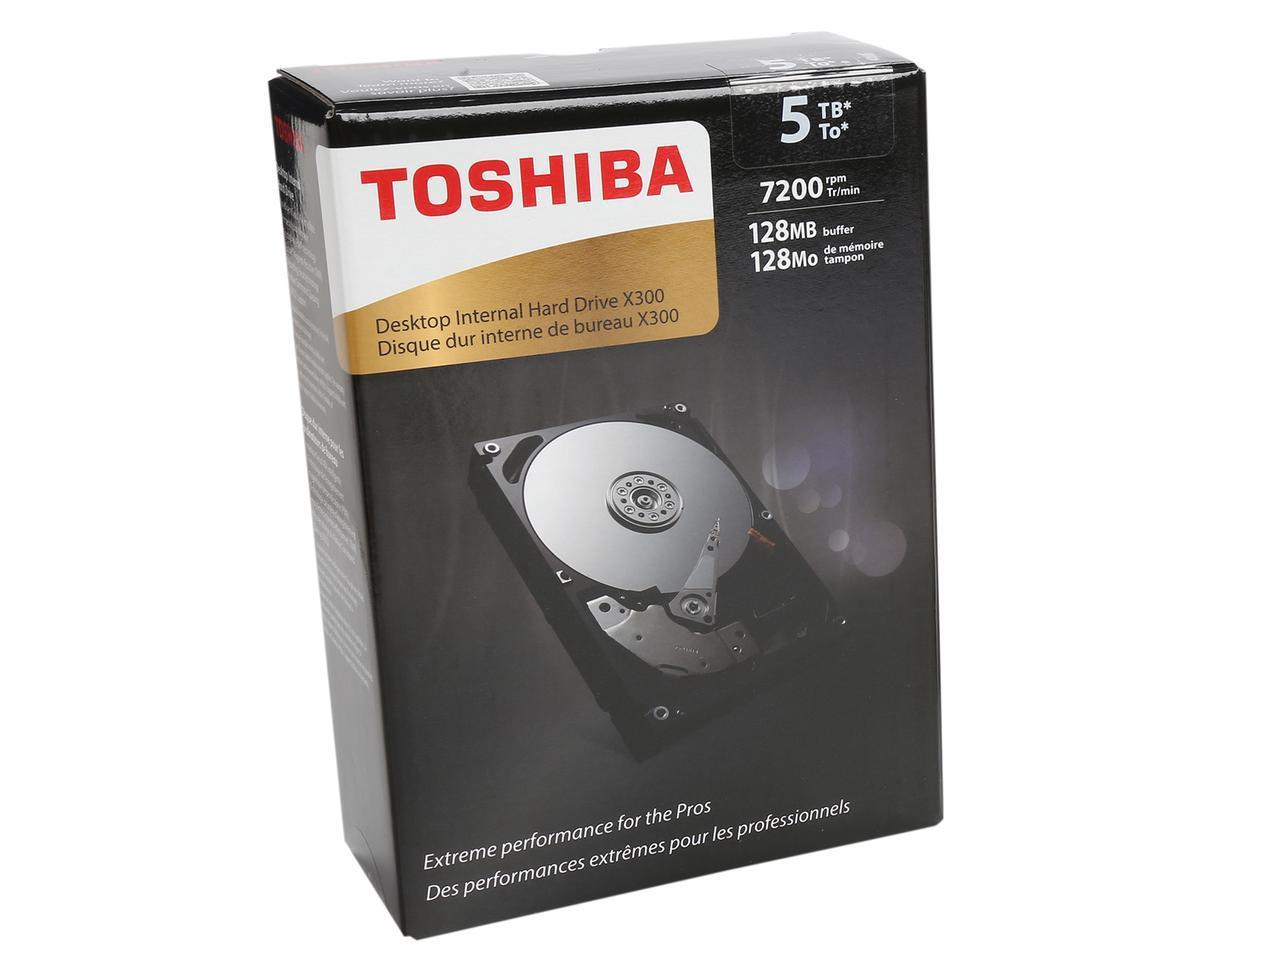 5TB Toshiba X300 Hard Drive $140AC  500GB WD Blue SSD $140AC